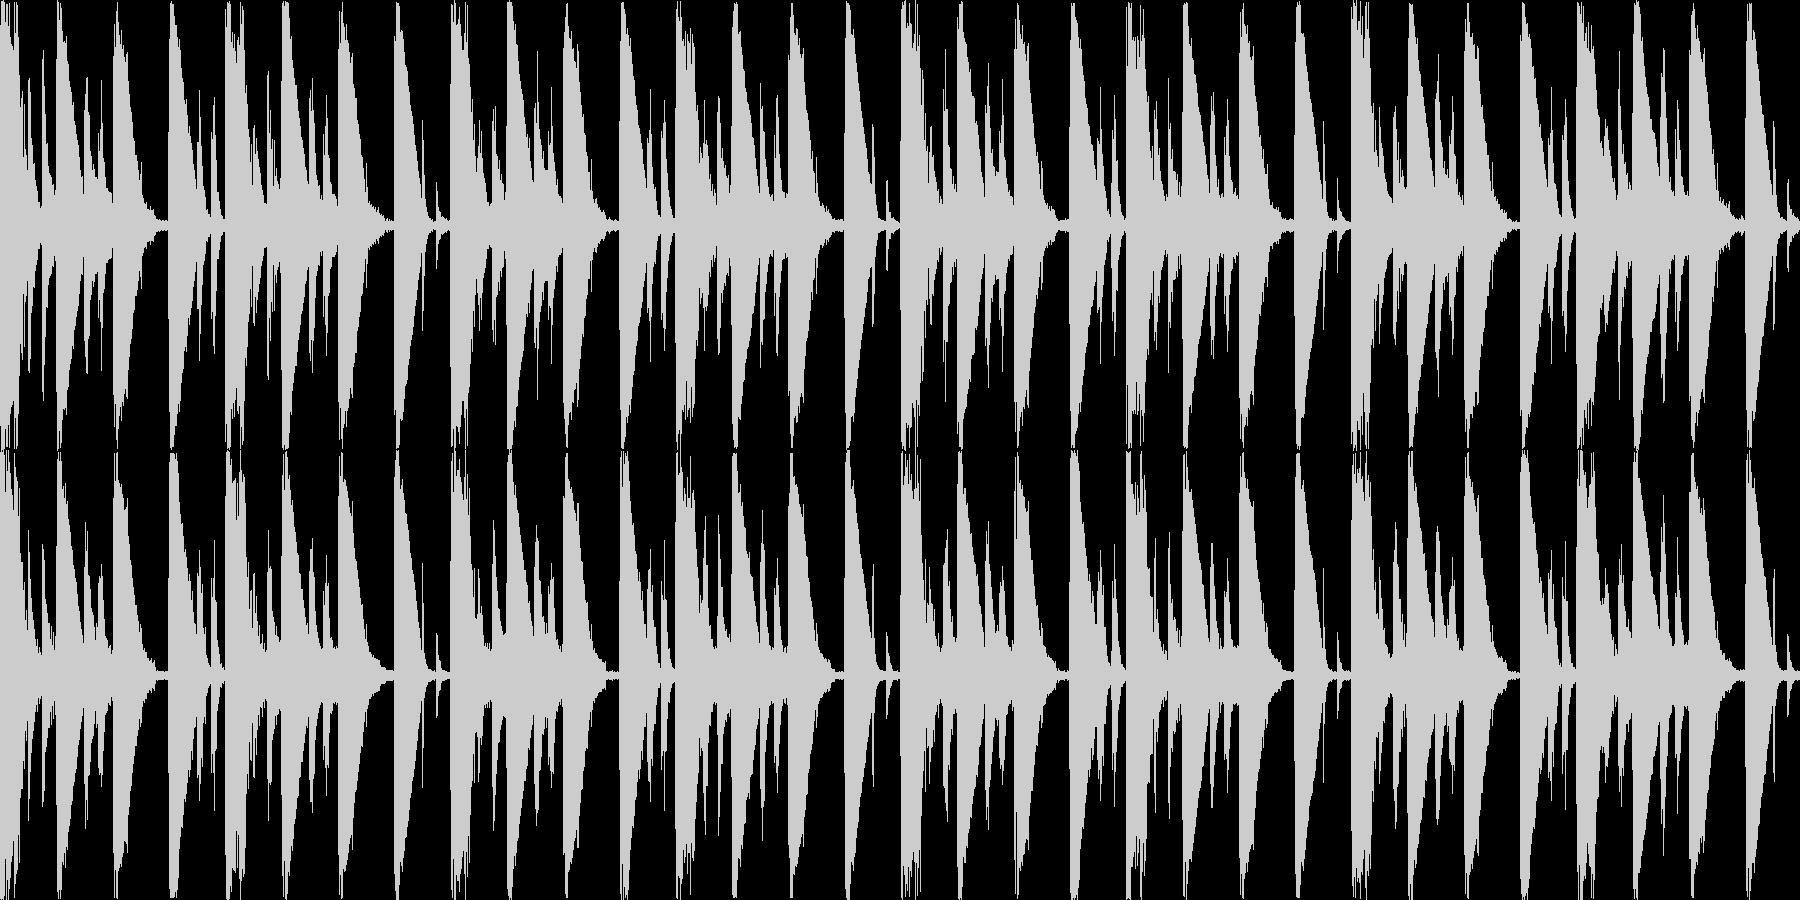 【ループF】浮遊感あるシンセが続くテクノの未再生の波形